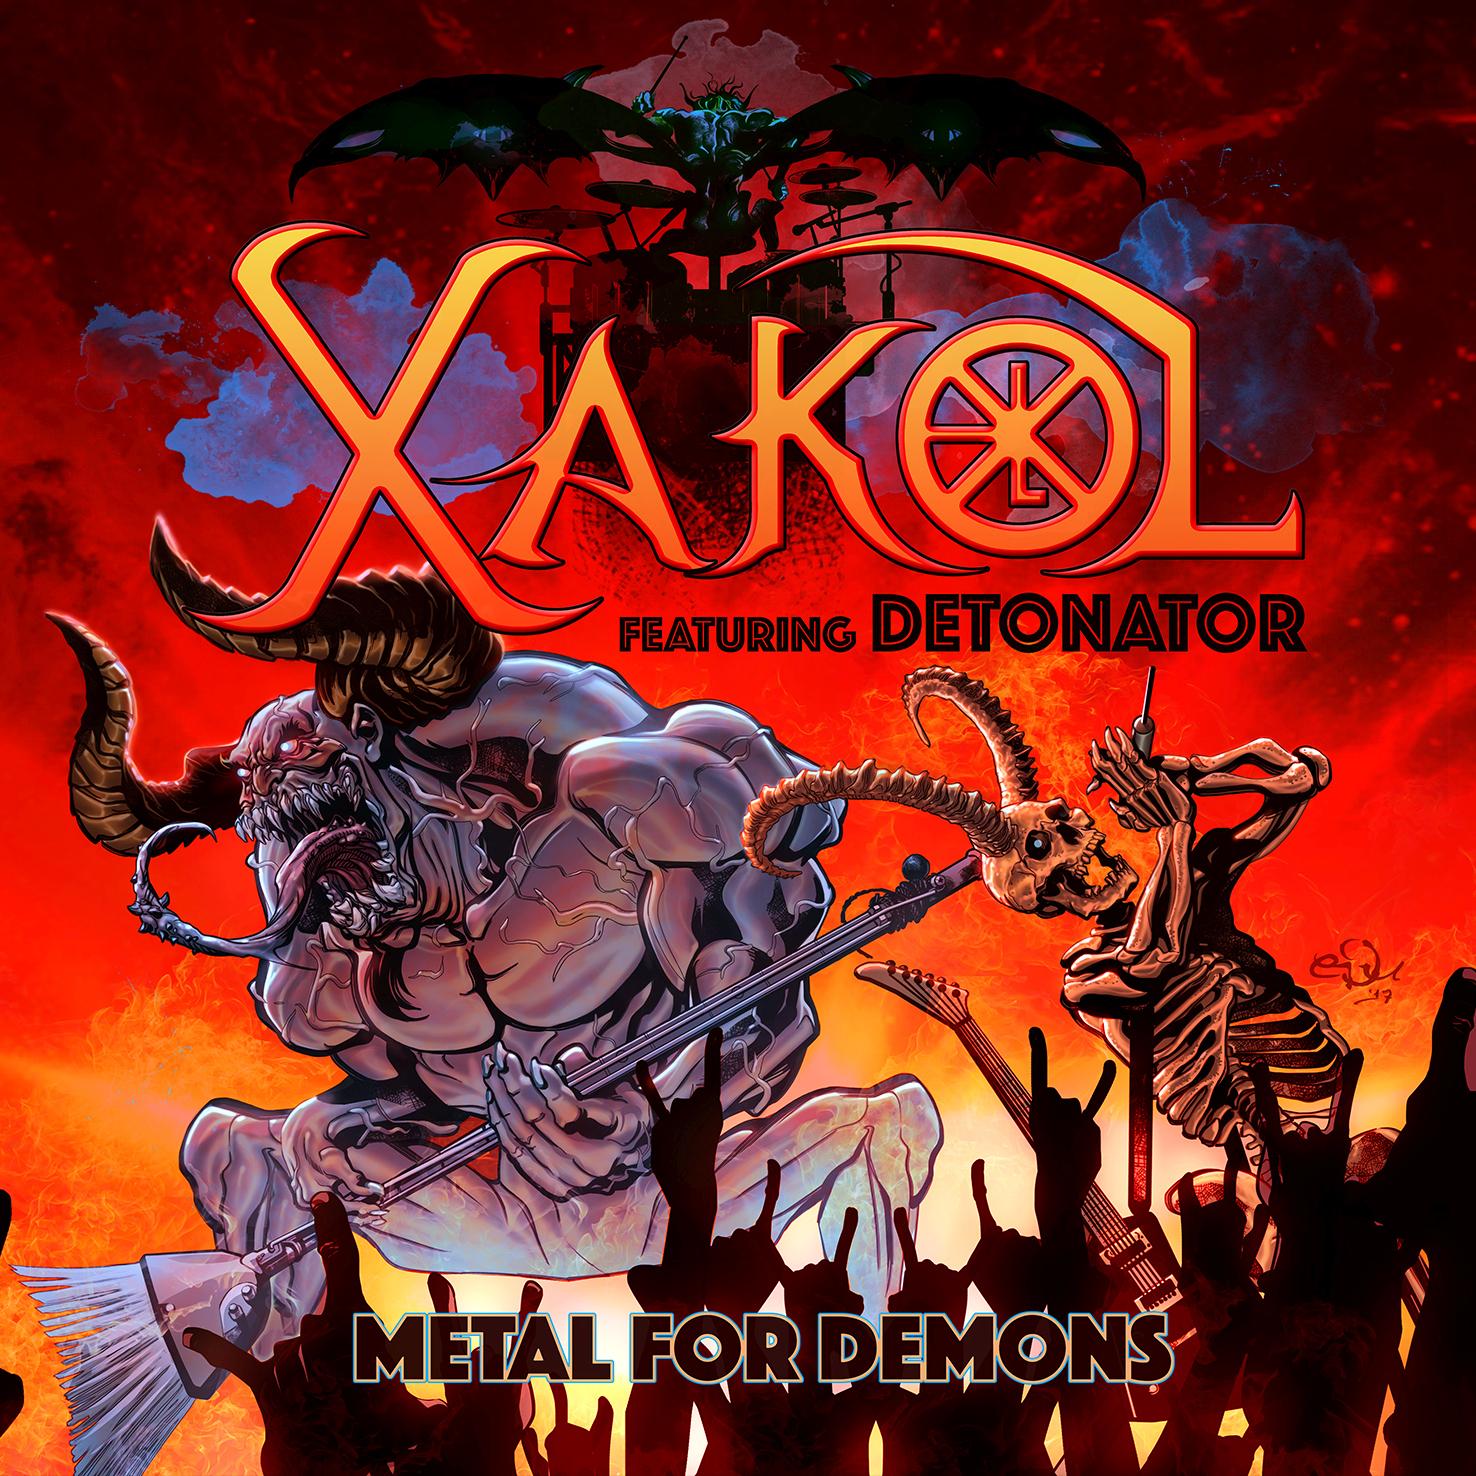 Xakol - Metal for Demons